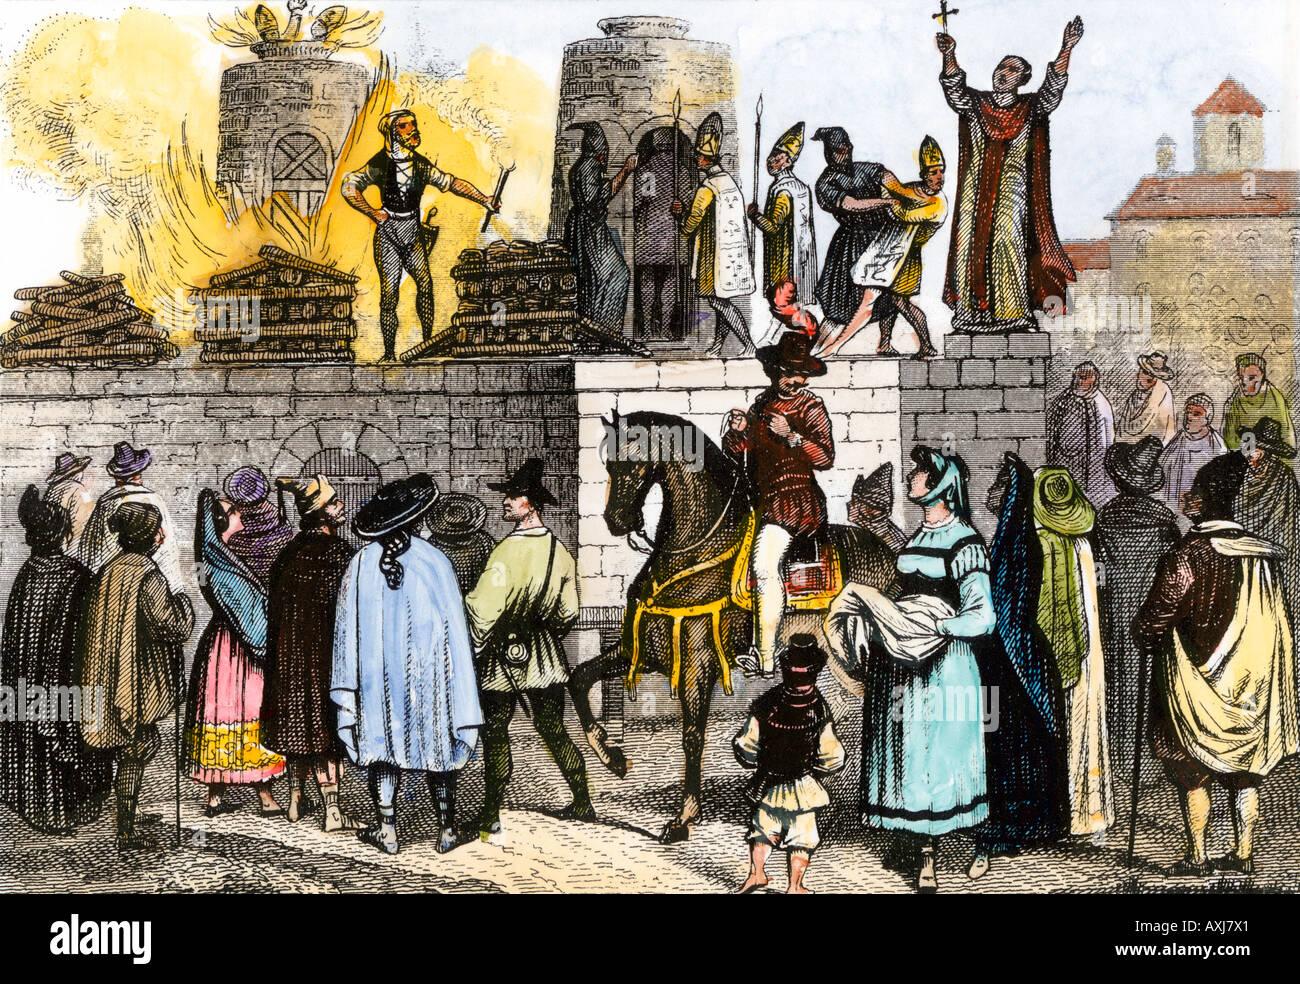 Esecuzione pubblica di vescovi cattolici romani durante l'inquisizione spagnola. Colorate a mano l'incisione Immagini Stock